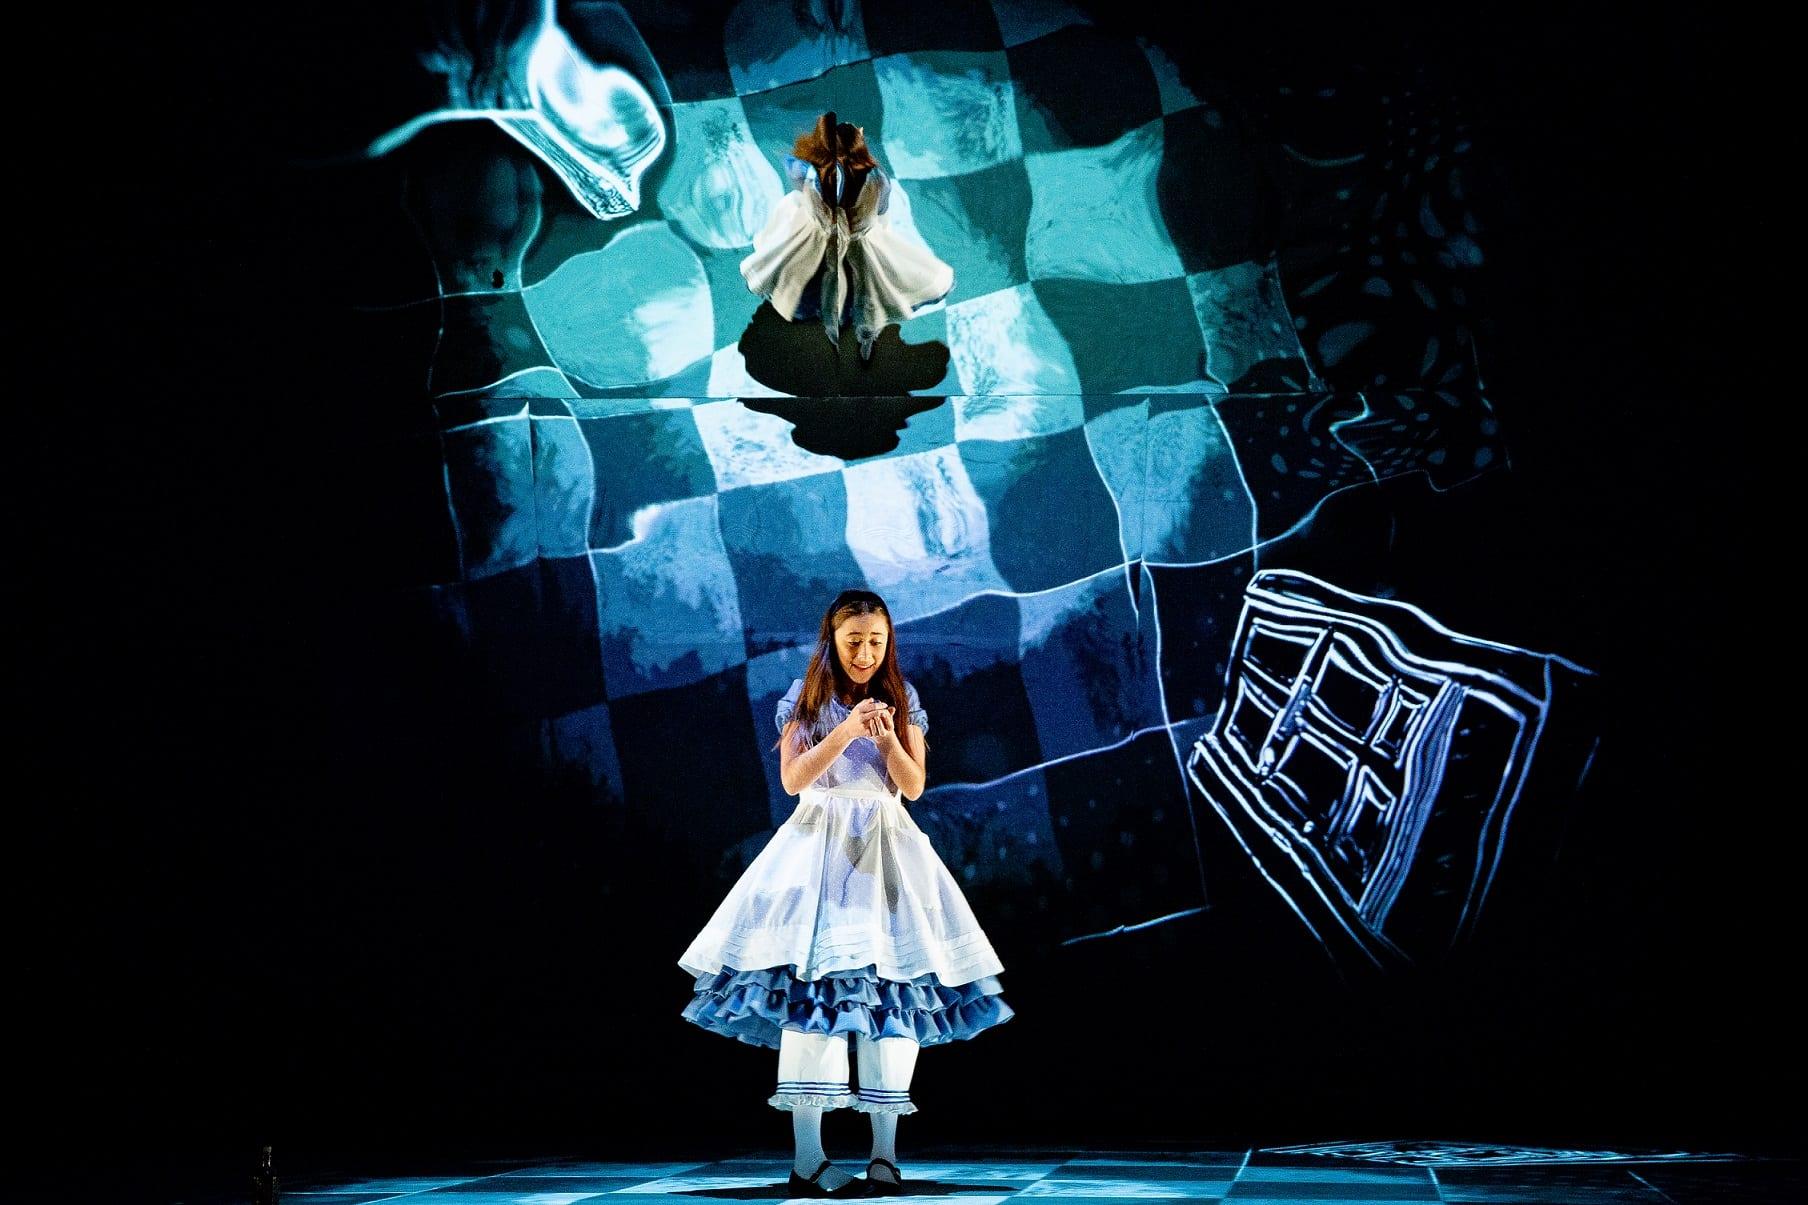 Alice Nos Pais Das Maravilhas Filme Online alice no país das maravilhas no teatro nacional de são joão